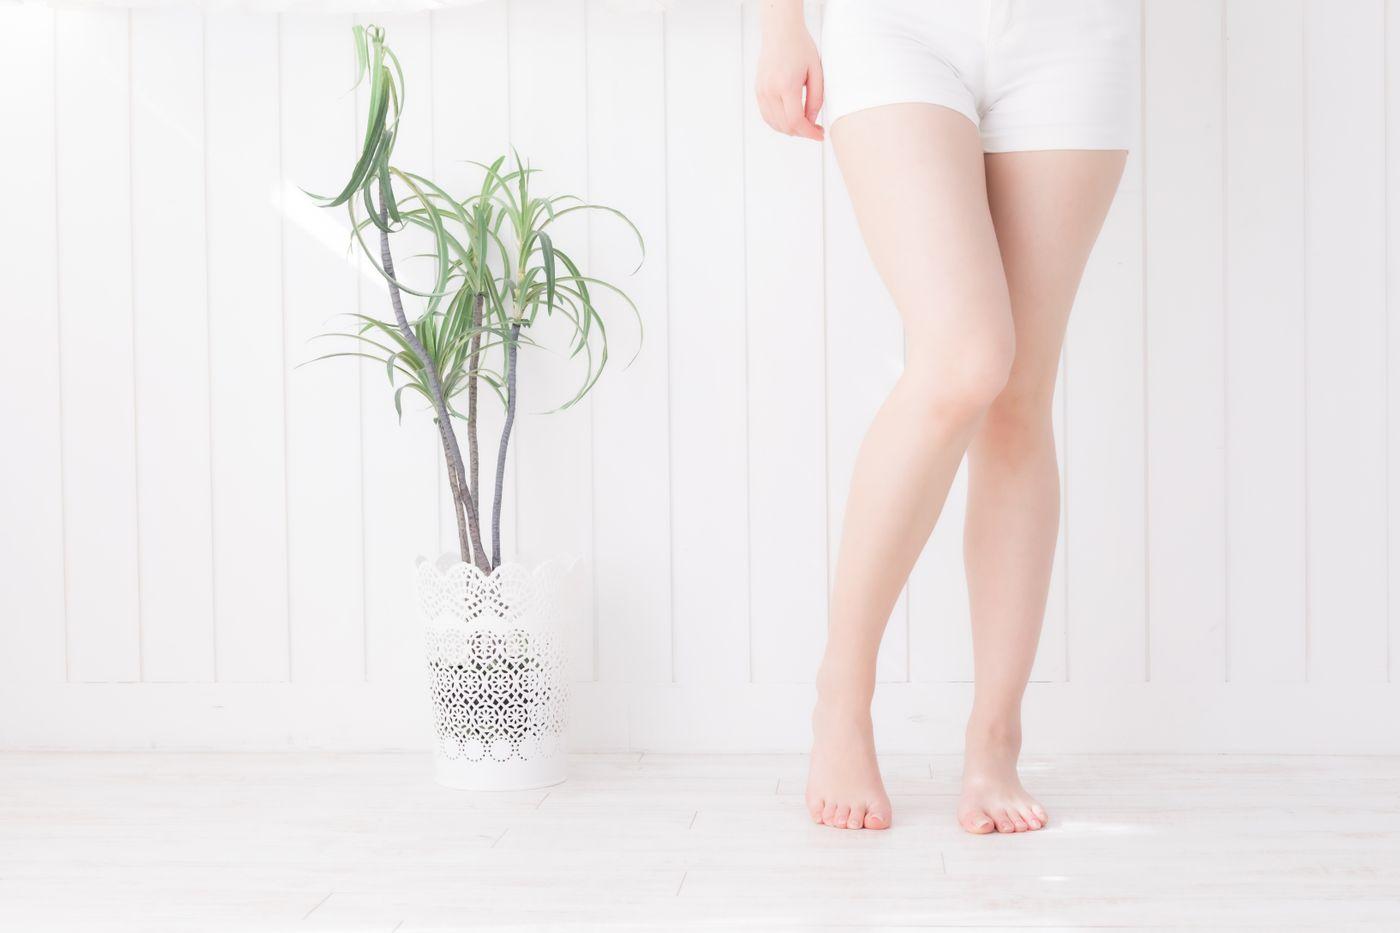 若い女性の脚の写真